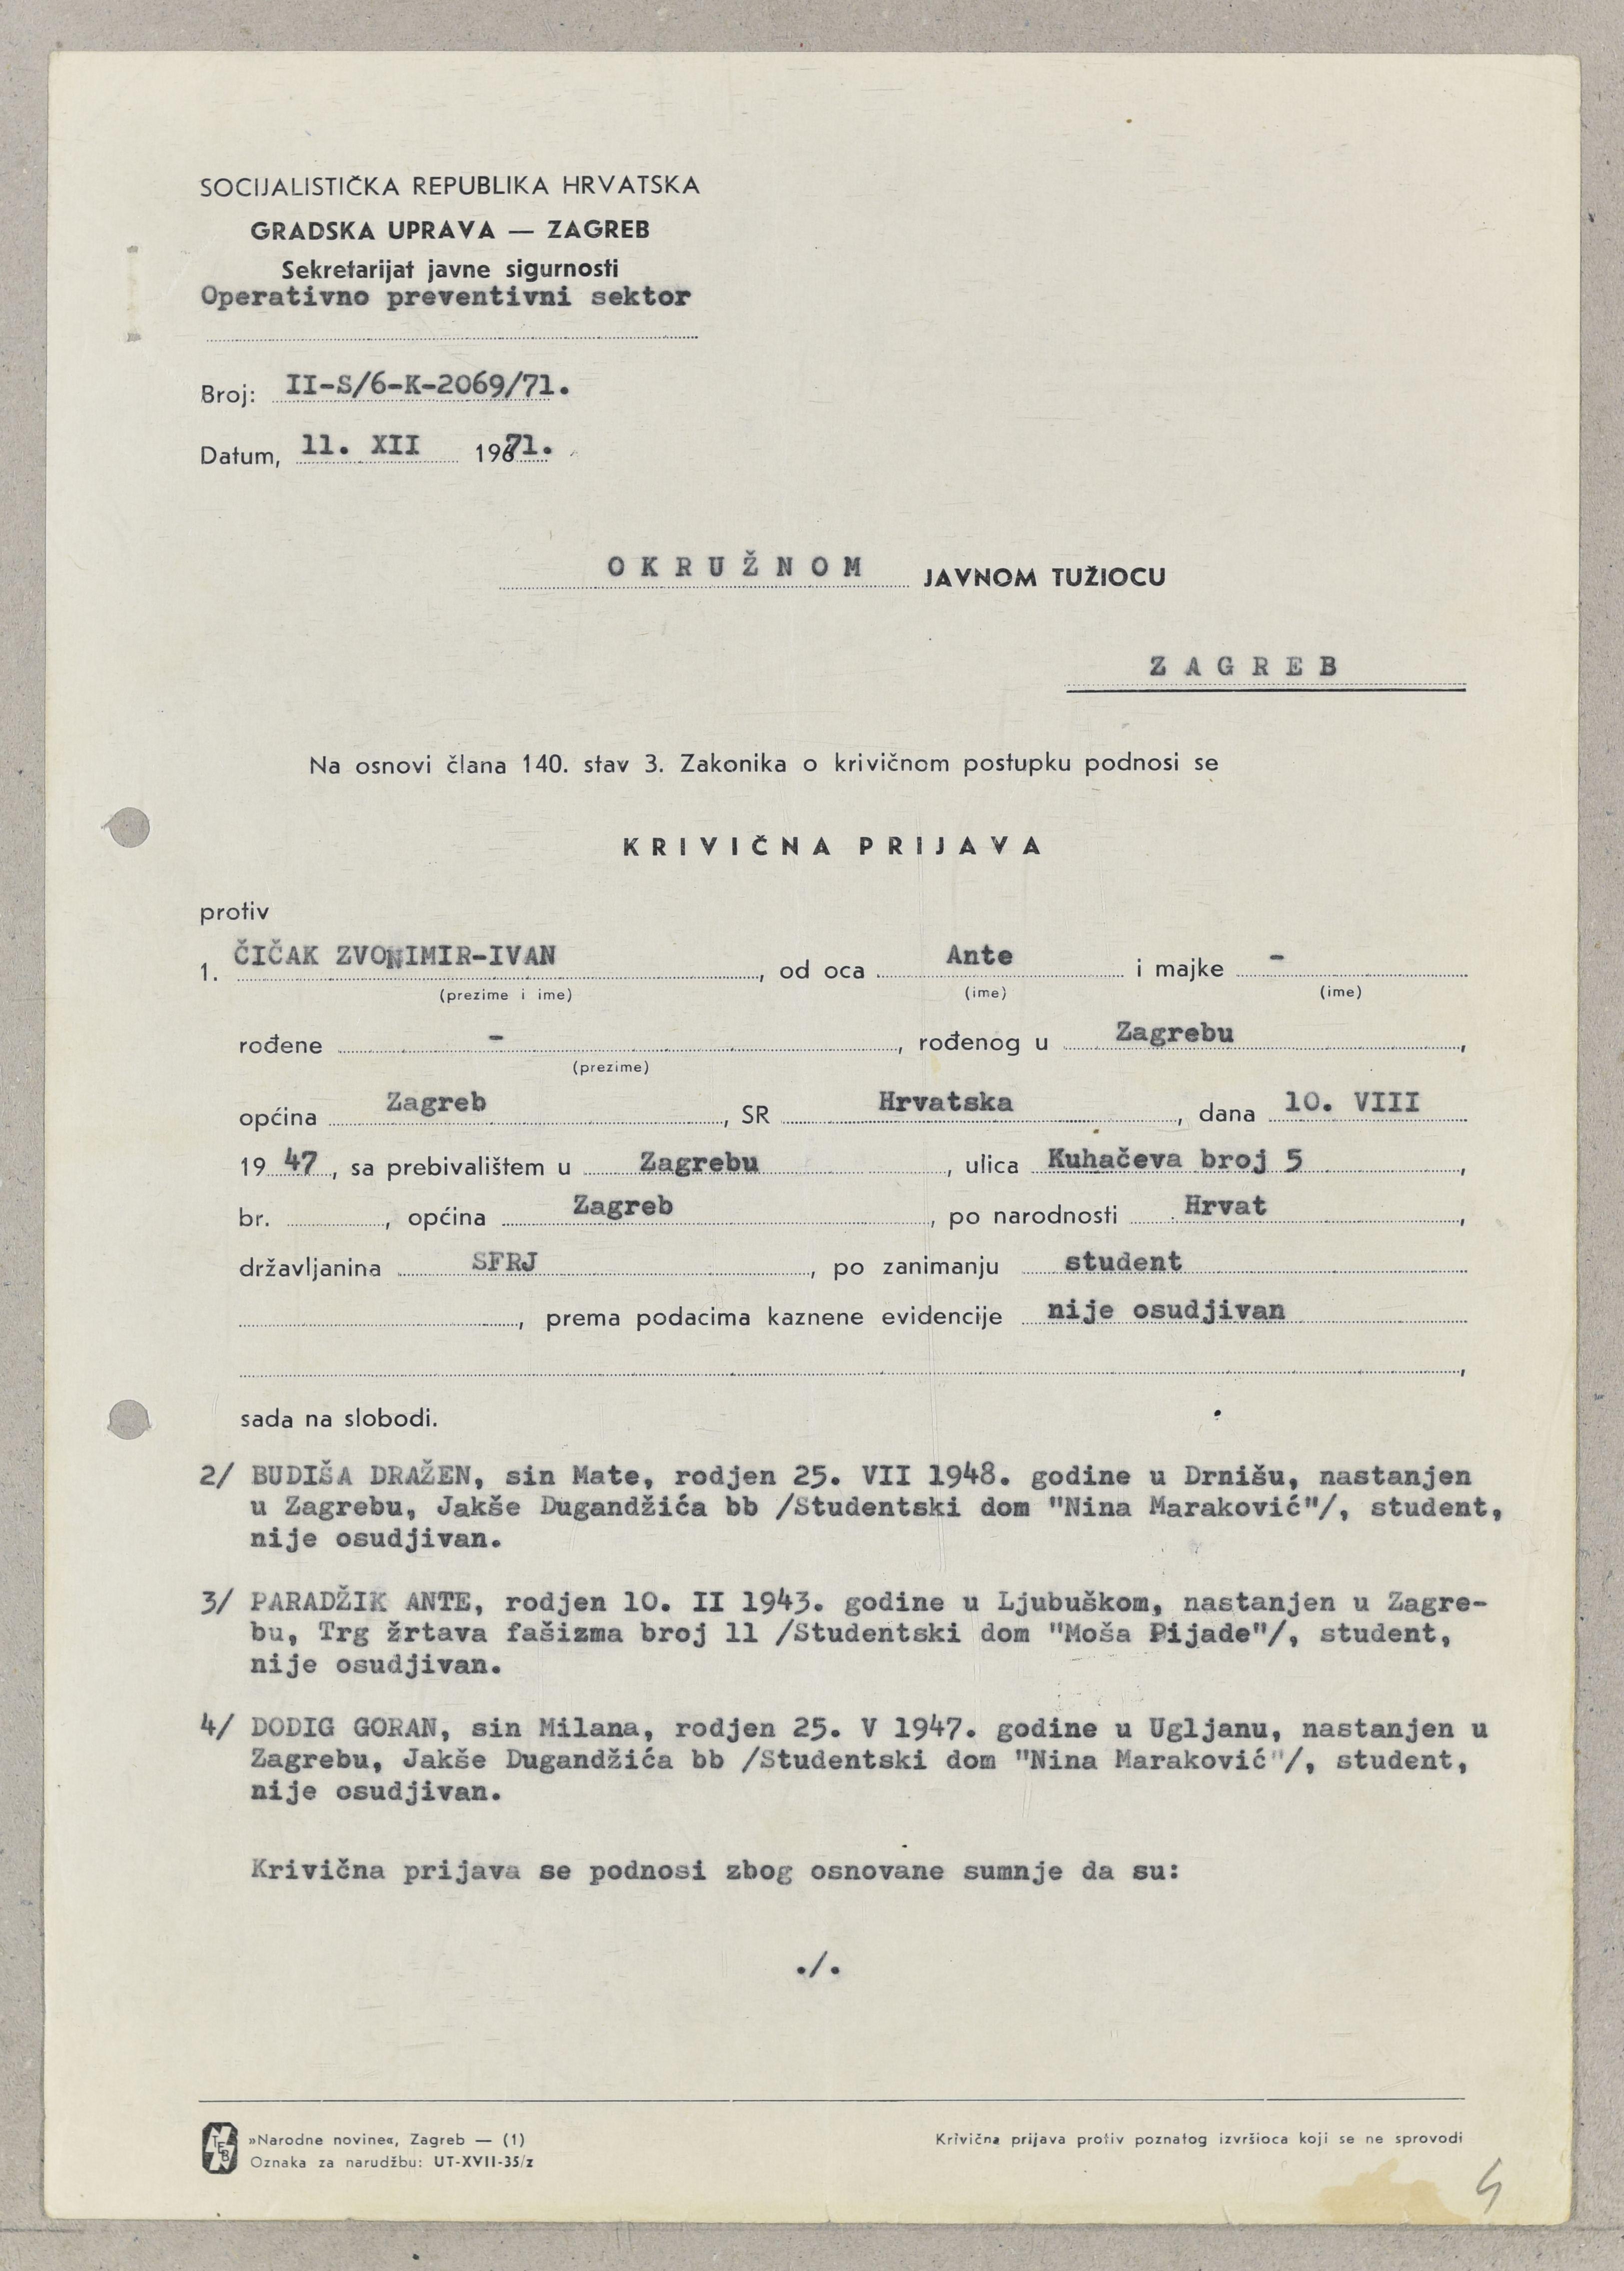 Preslika kaznene prijave protiv vođa studentskoga pokreta. 11. prosinca 1971. Arhivski dokument.